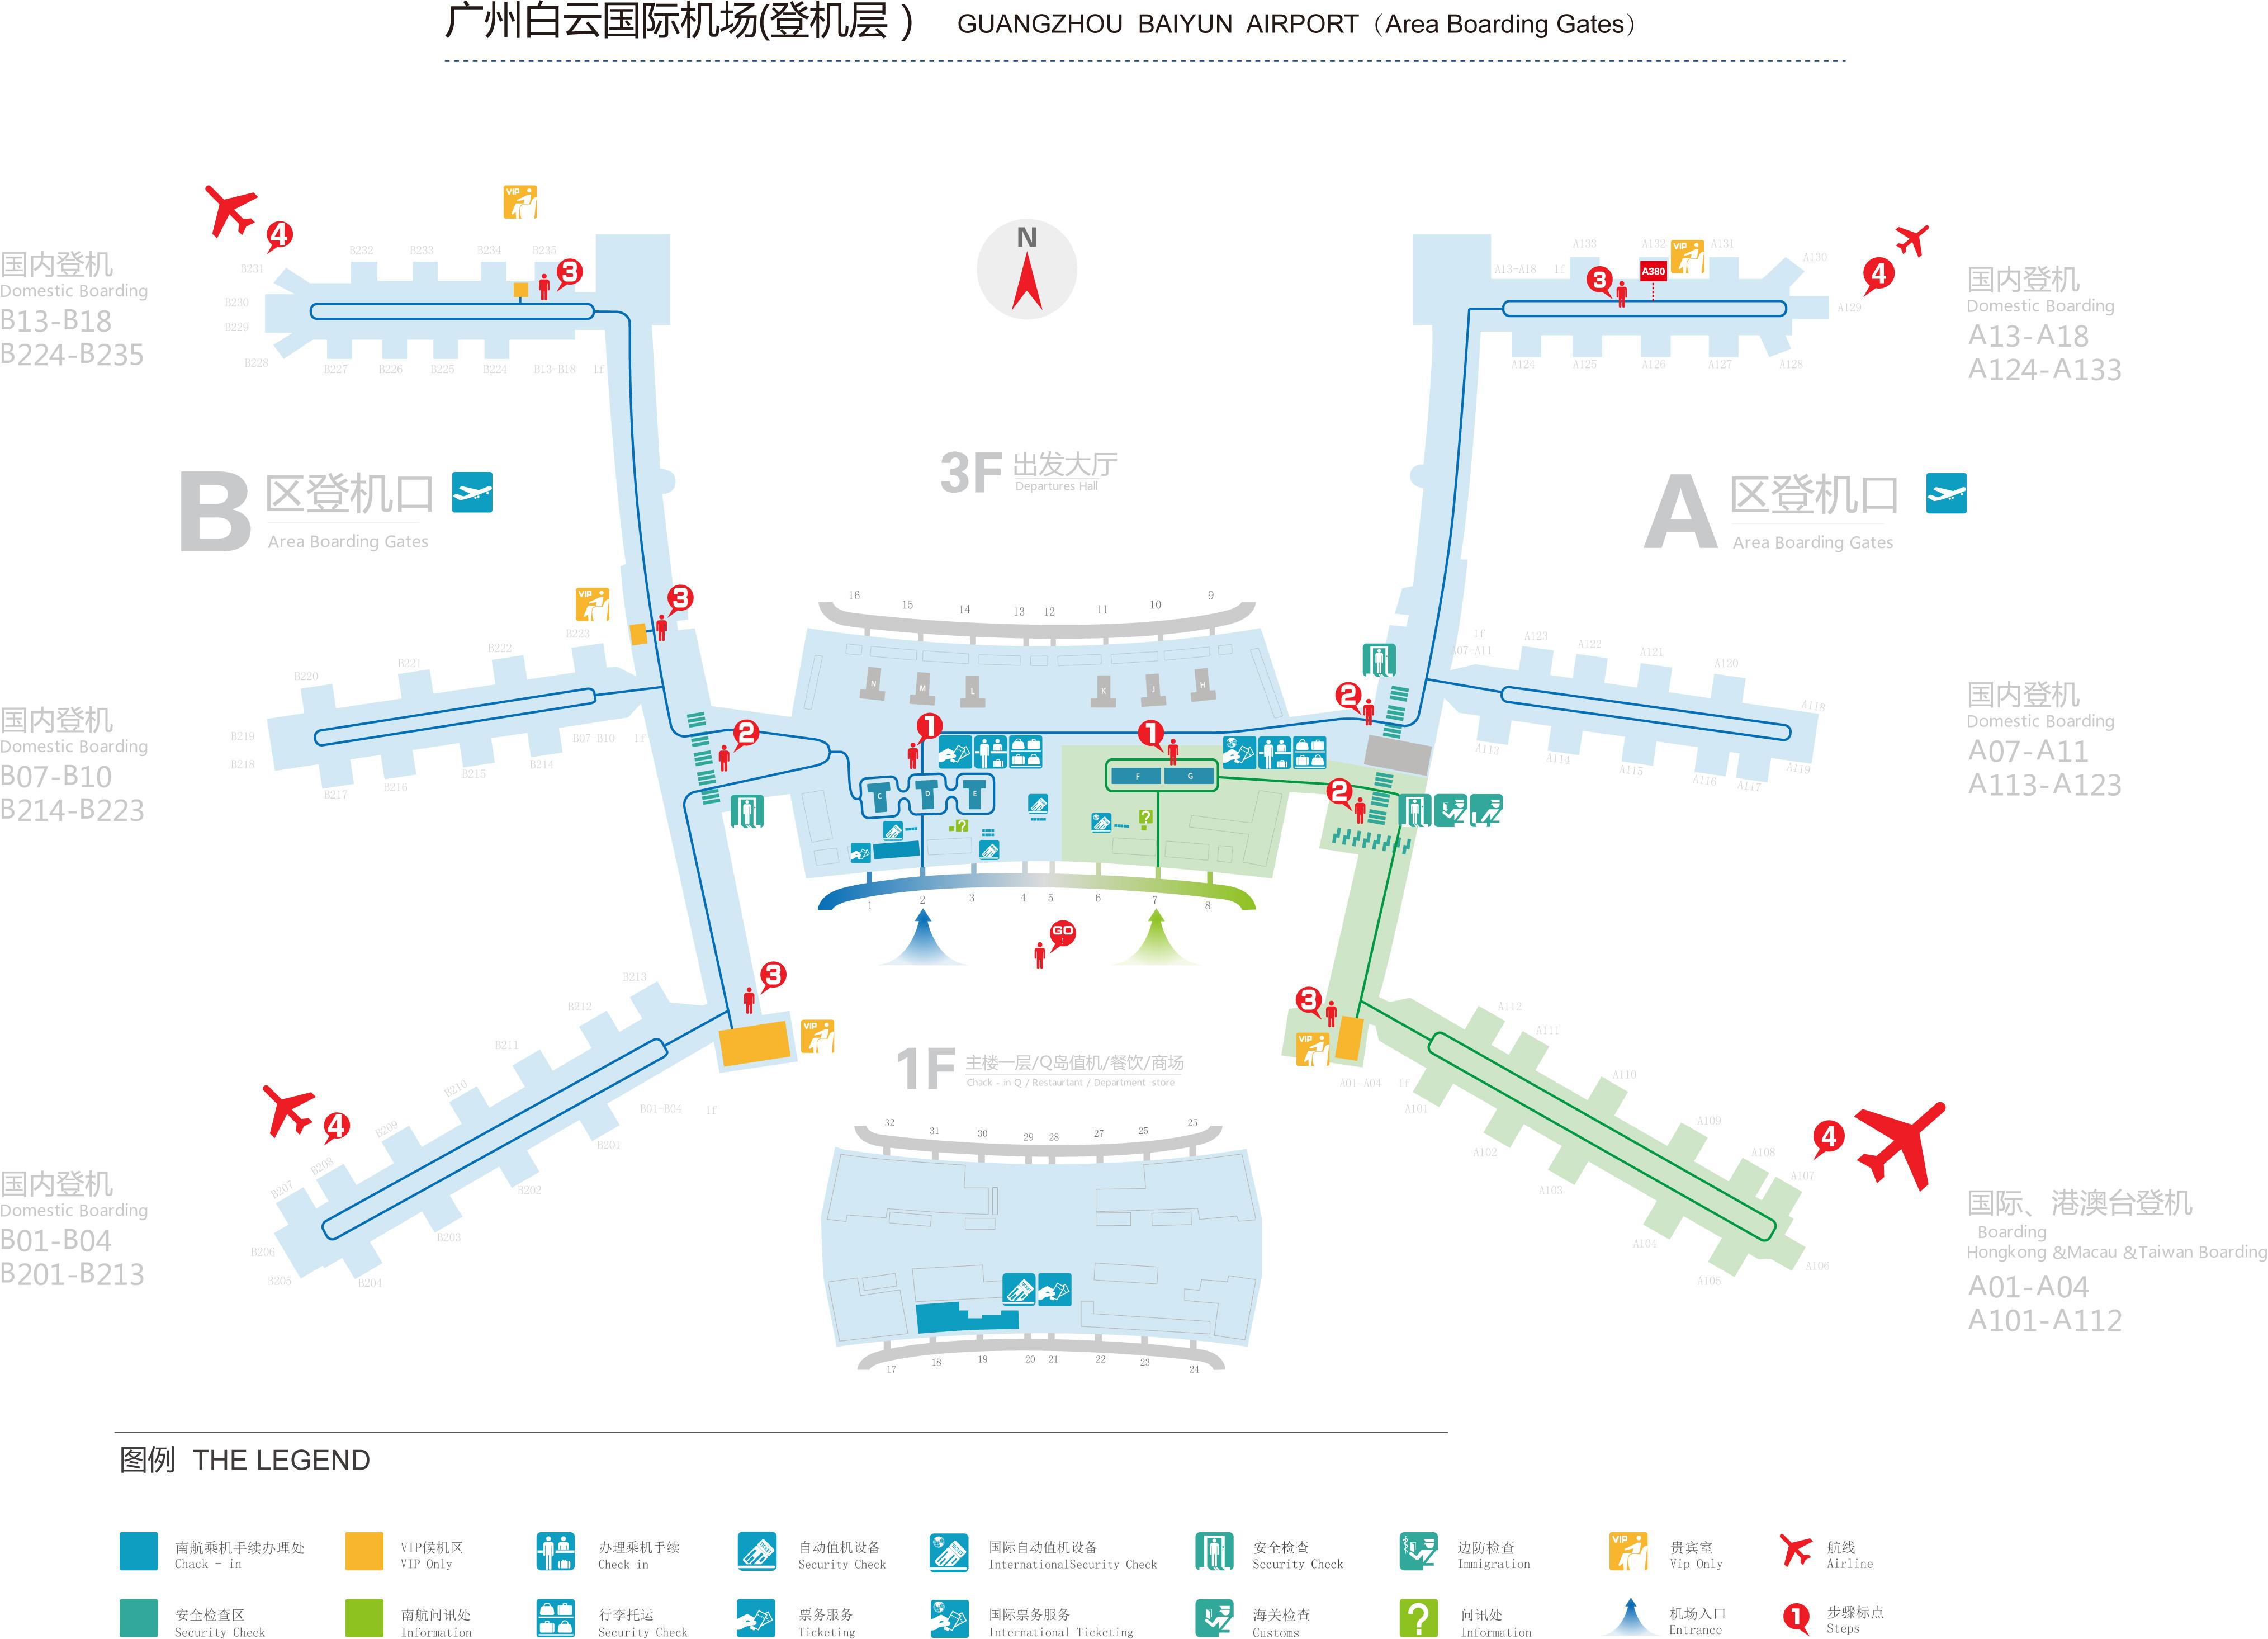 Схема аэропорта Гуанчжоу Байюнь